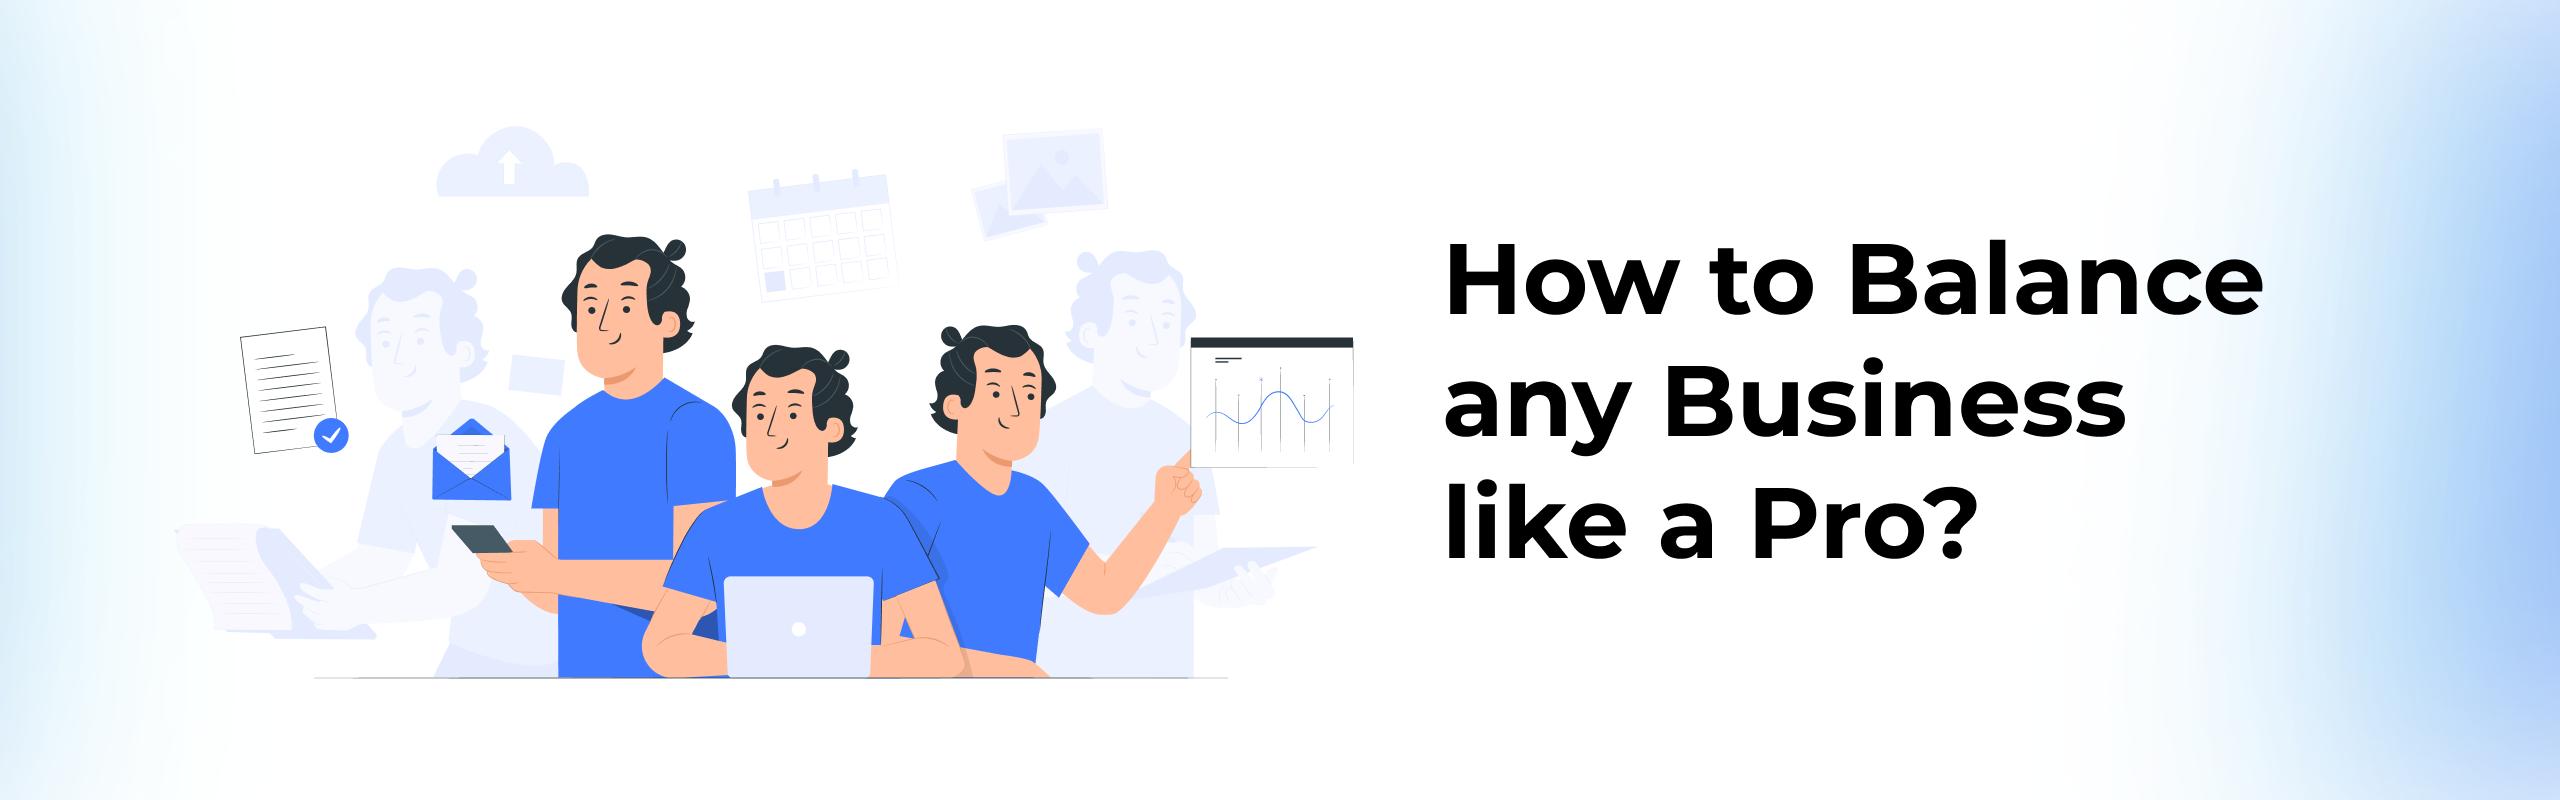 How to Balance any Business like a Pro